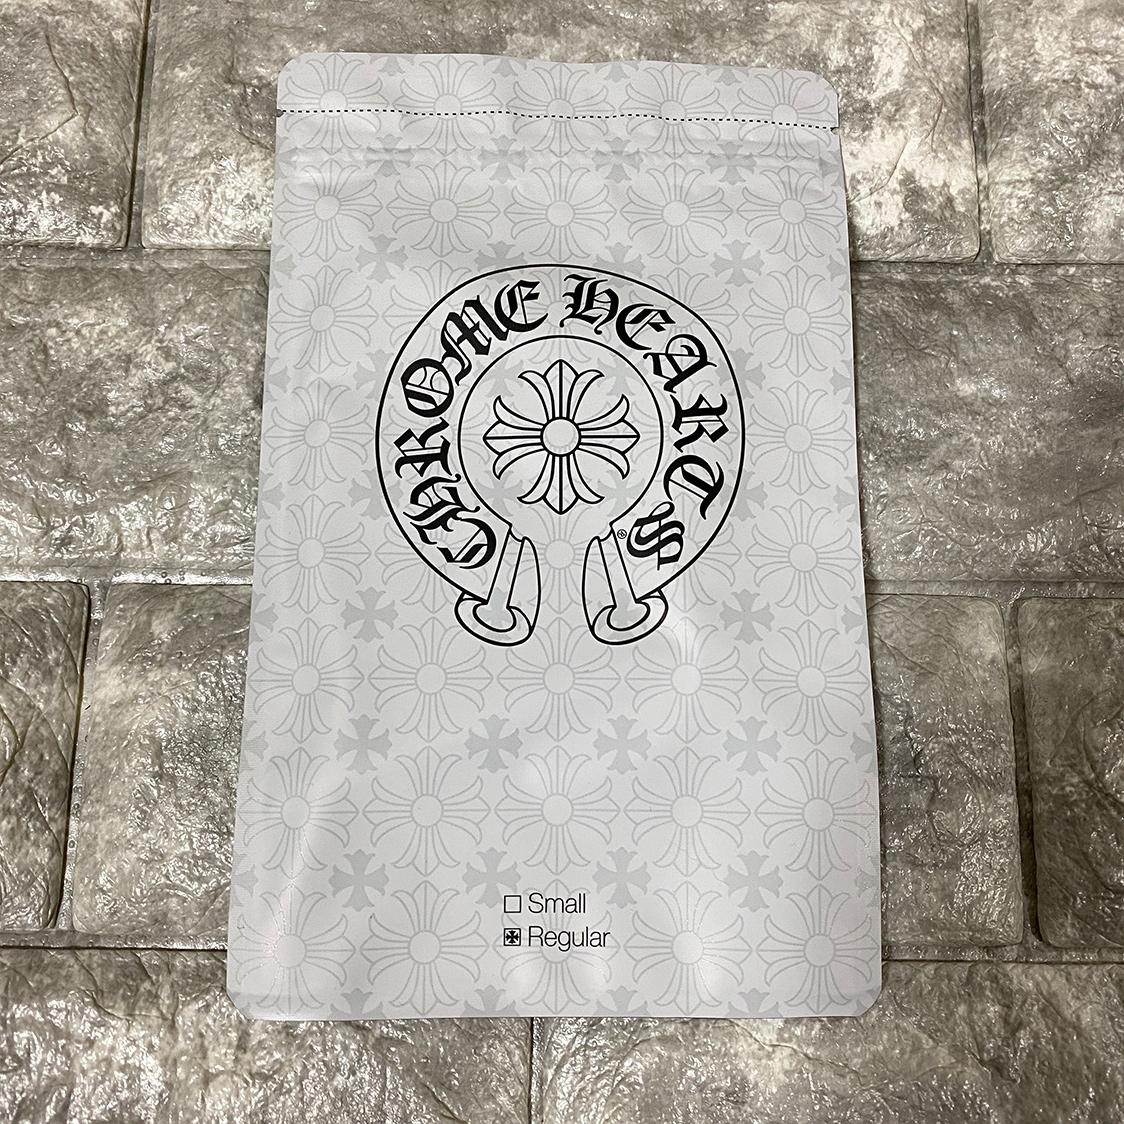 新品 クロムハーツ CHROMEHEARTS 【レギュラーサイズ】 マルチロゴ ファッションマスク インナーマスク フェイス用アクセサリー ホワイト 白